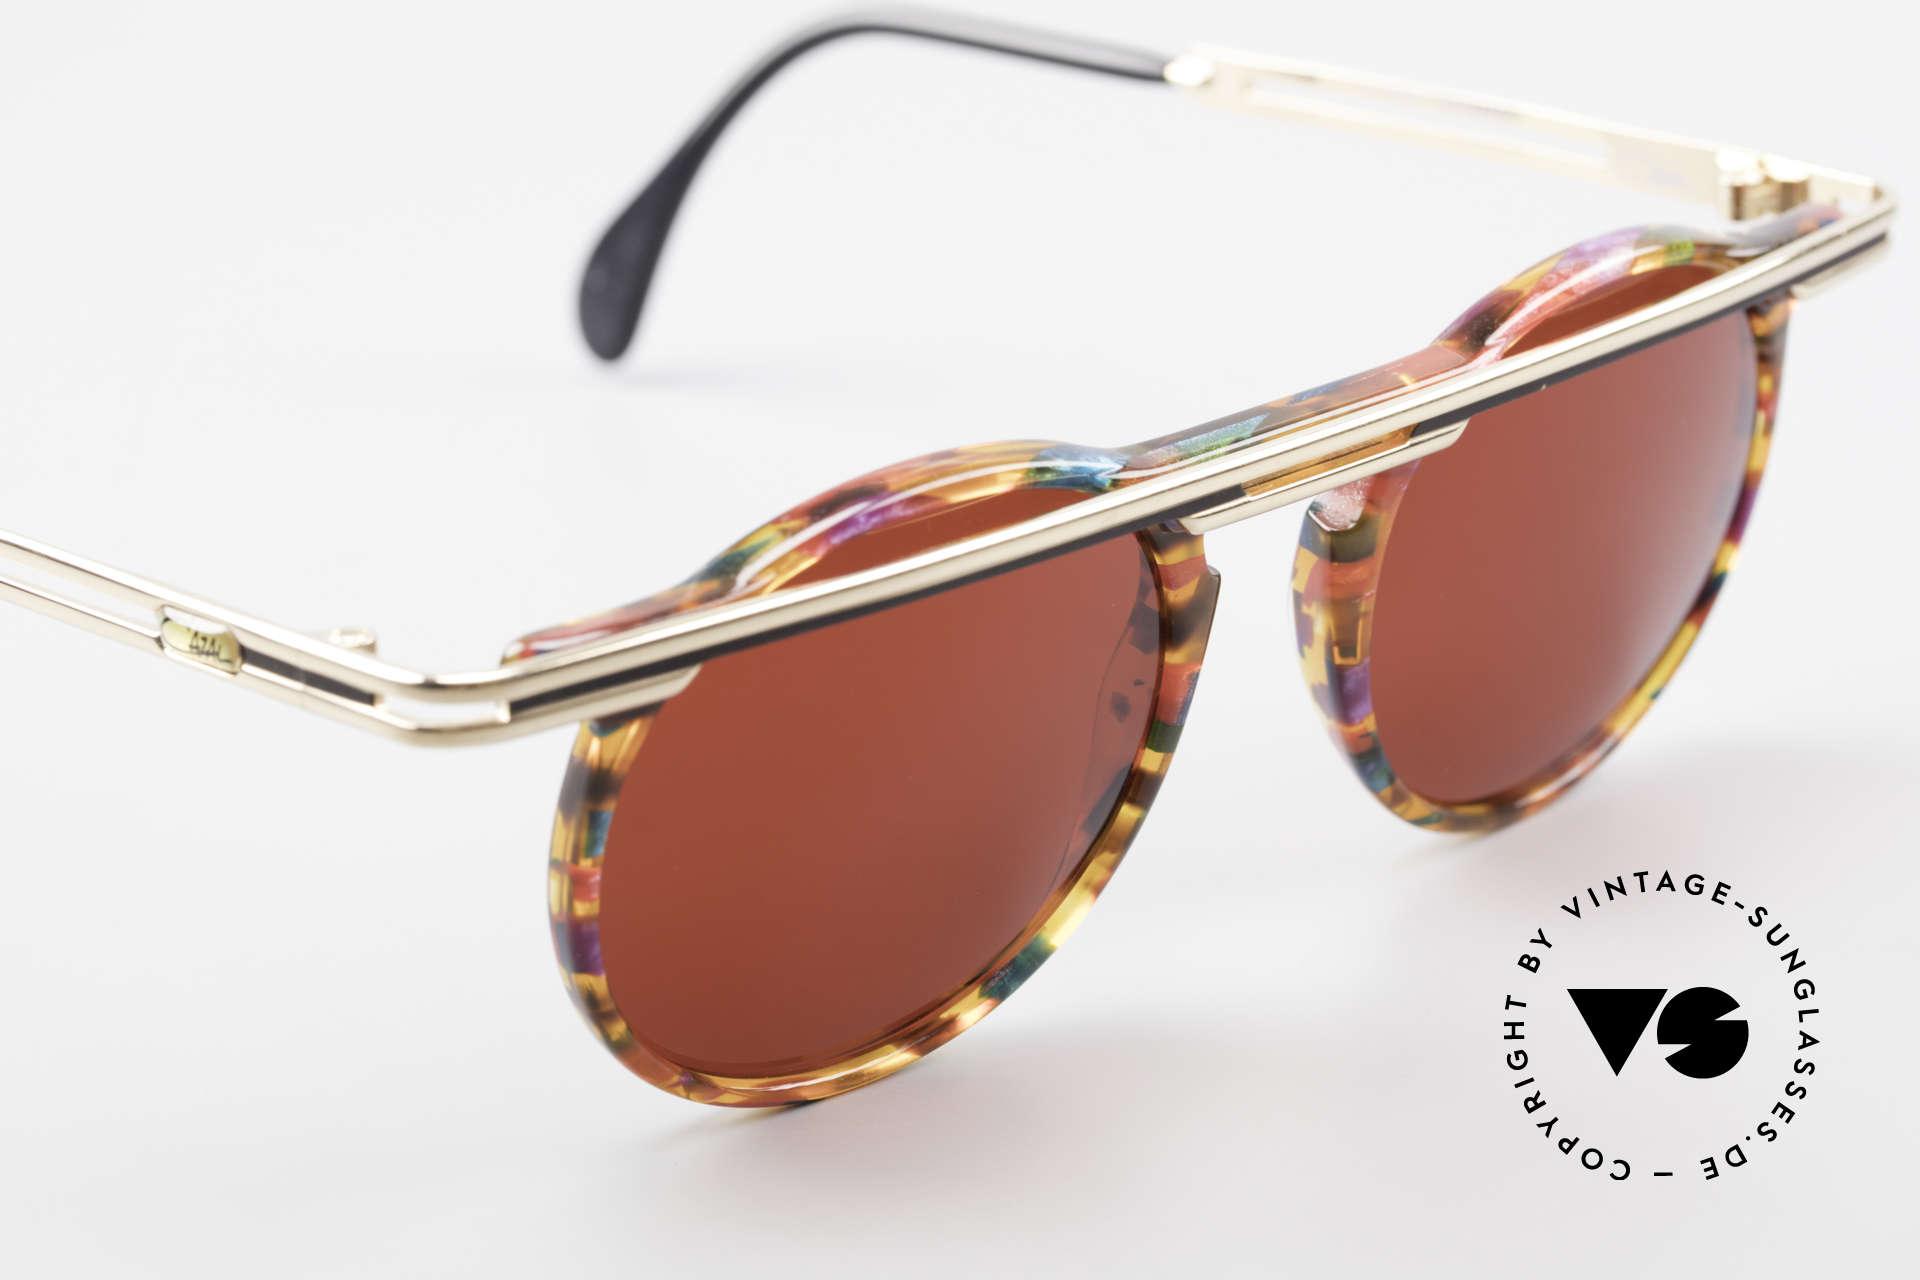 Cazal 648 Original Alte Cazal Brille 90er, ungetragen (wie alle unsere vintage Cazal Brillen), Passend für Herren und Damen